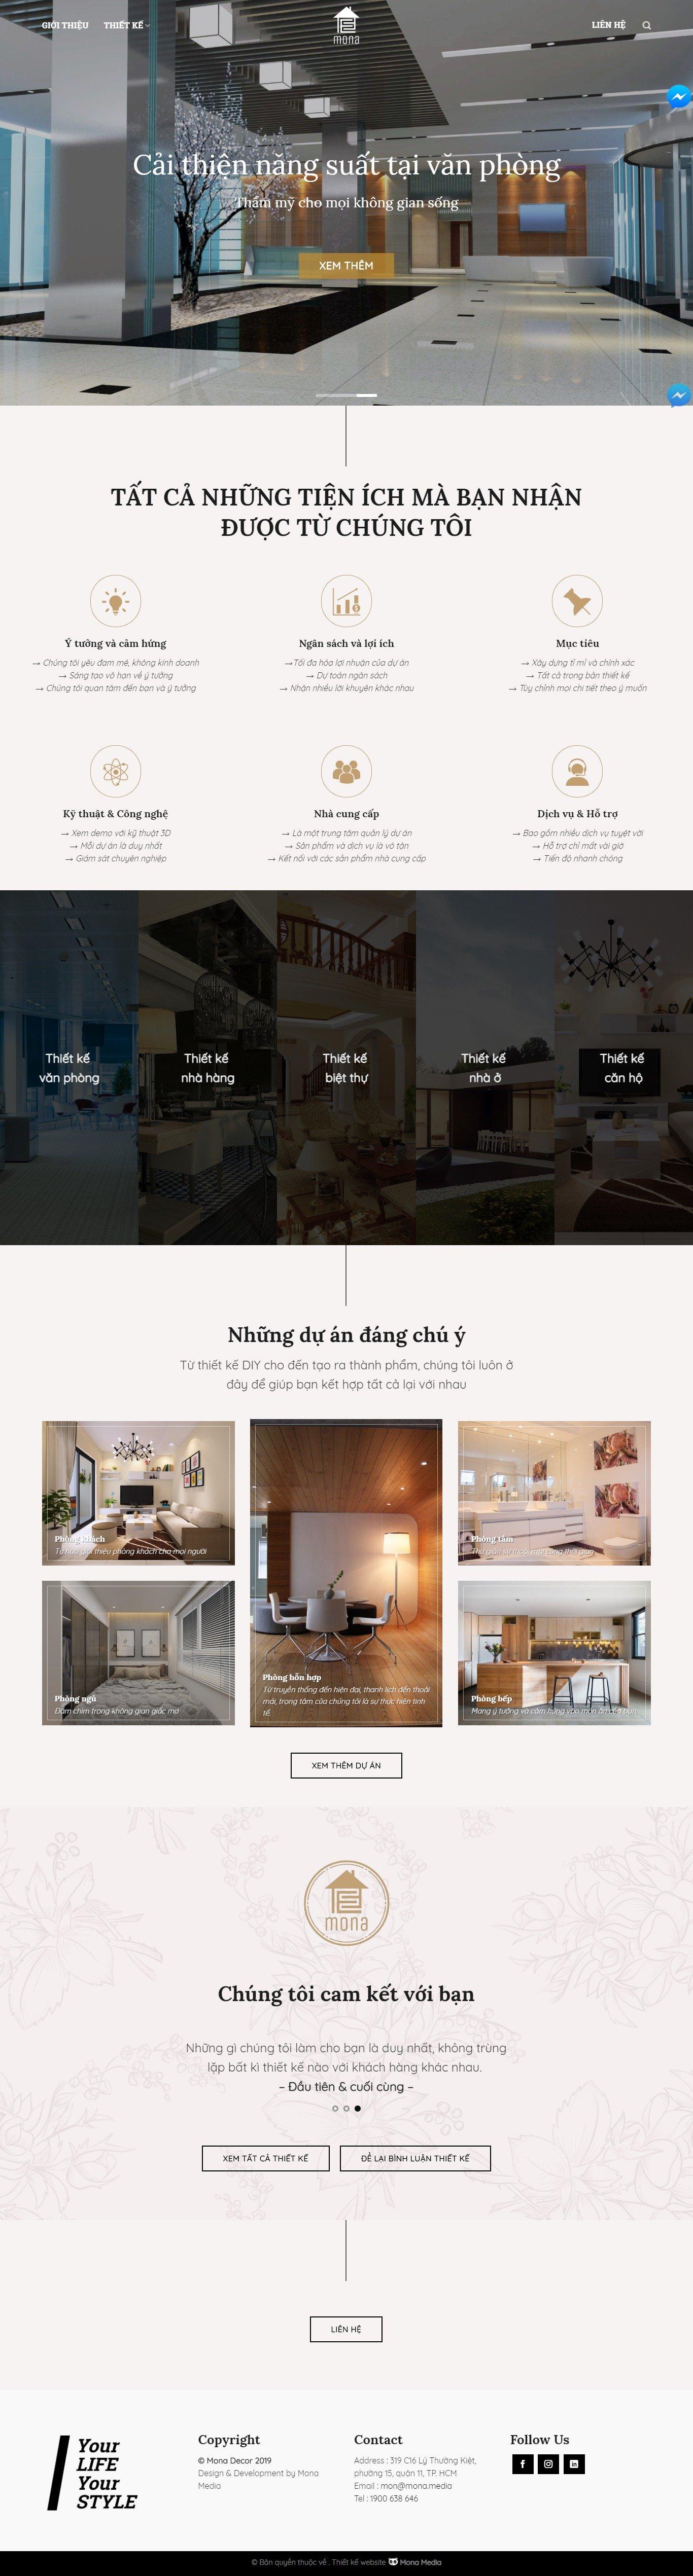 Mẫu website công ty thiết kế nội thất giao diện tương tự An Gia